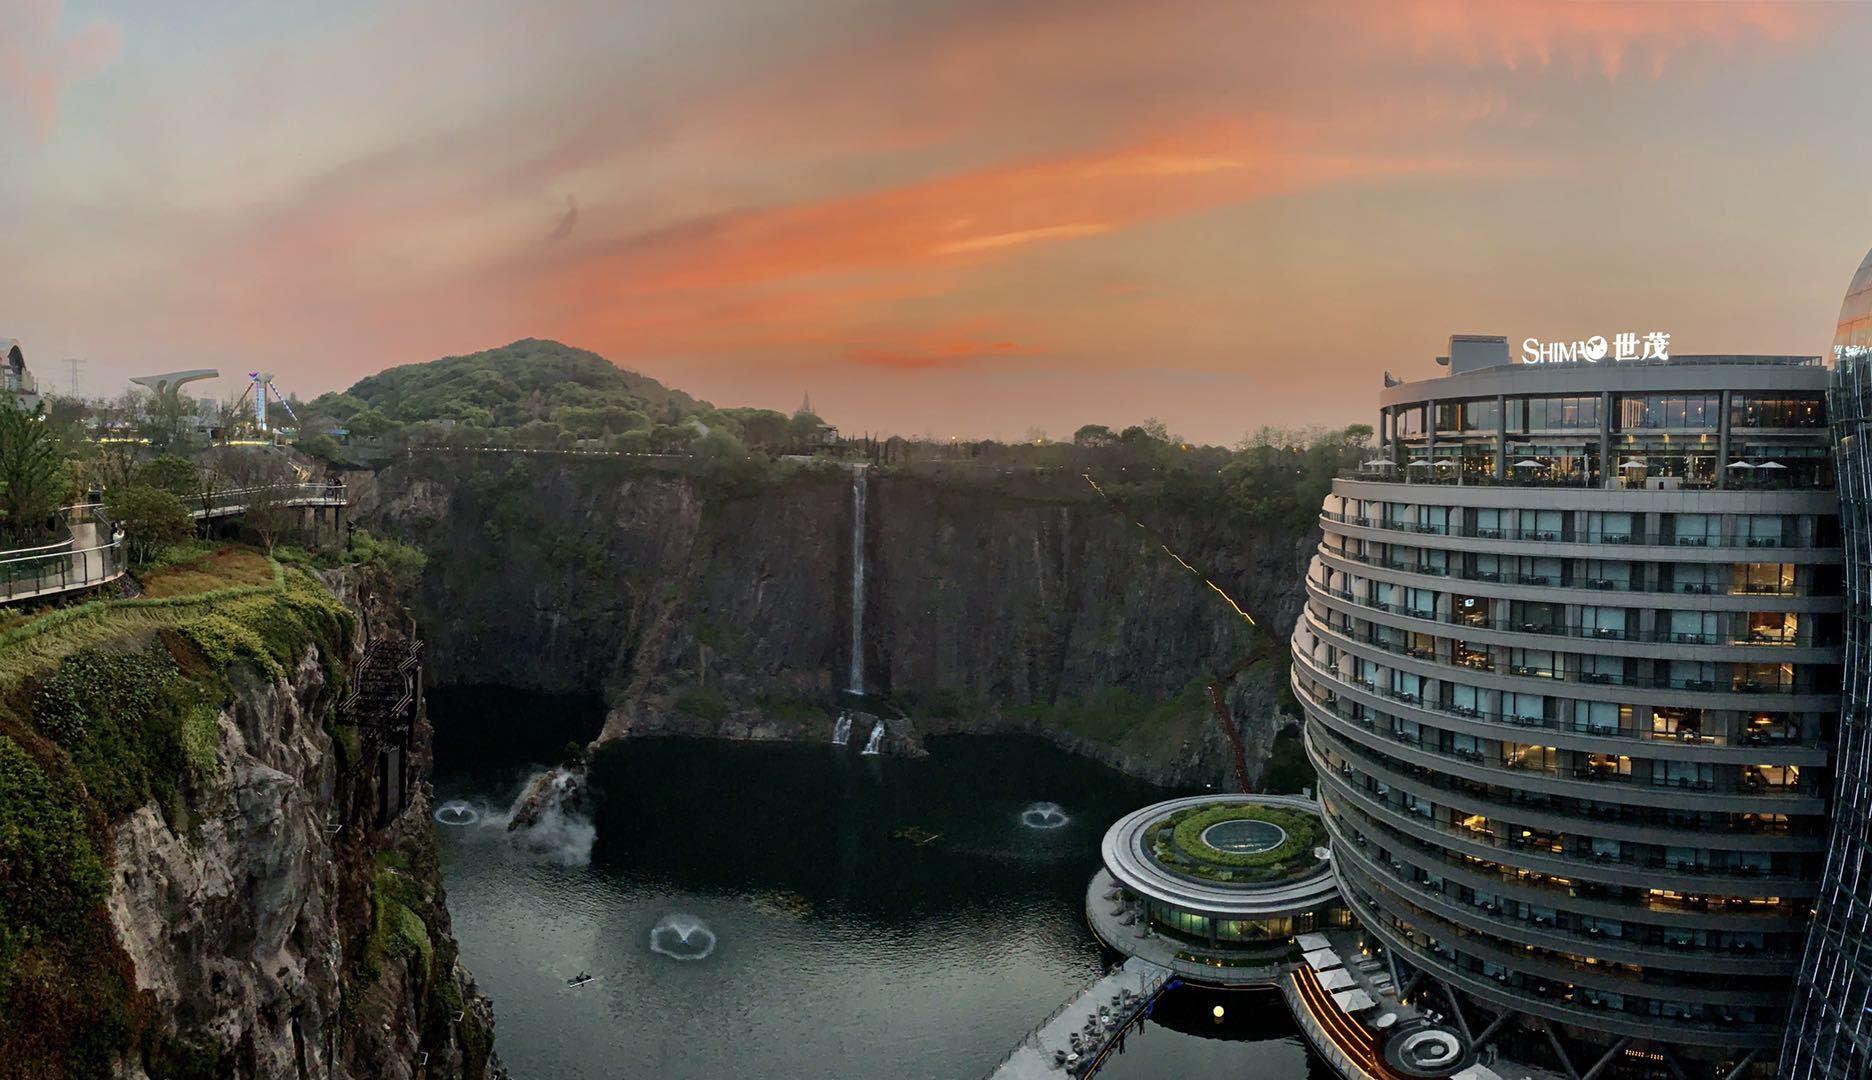 住在云里?在坑里建完世界最低酒店,这开发商又要建世界最高酒店